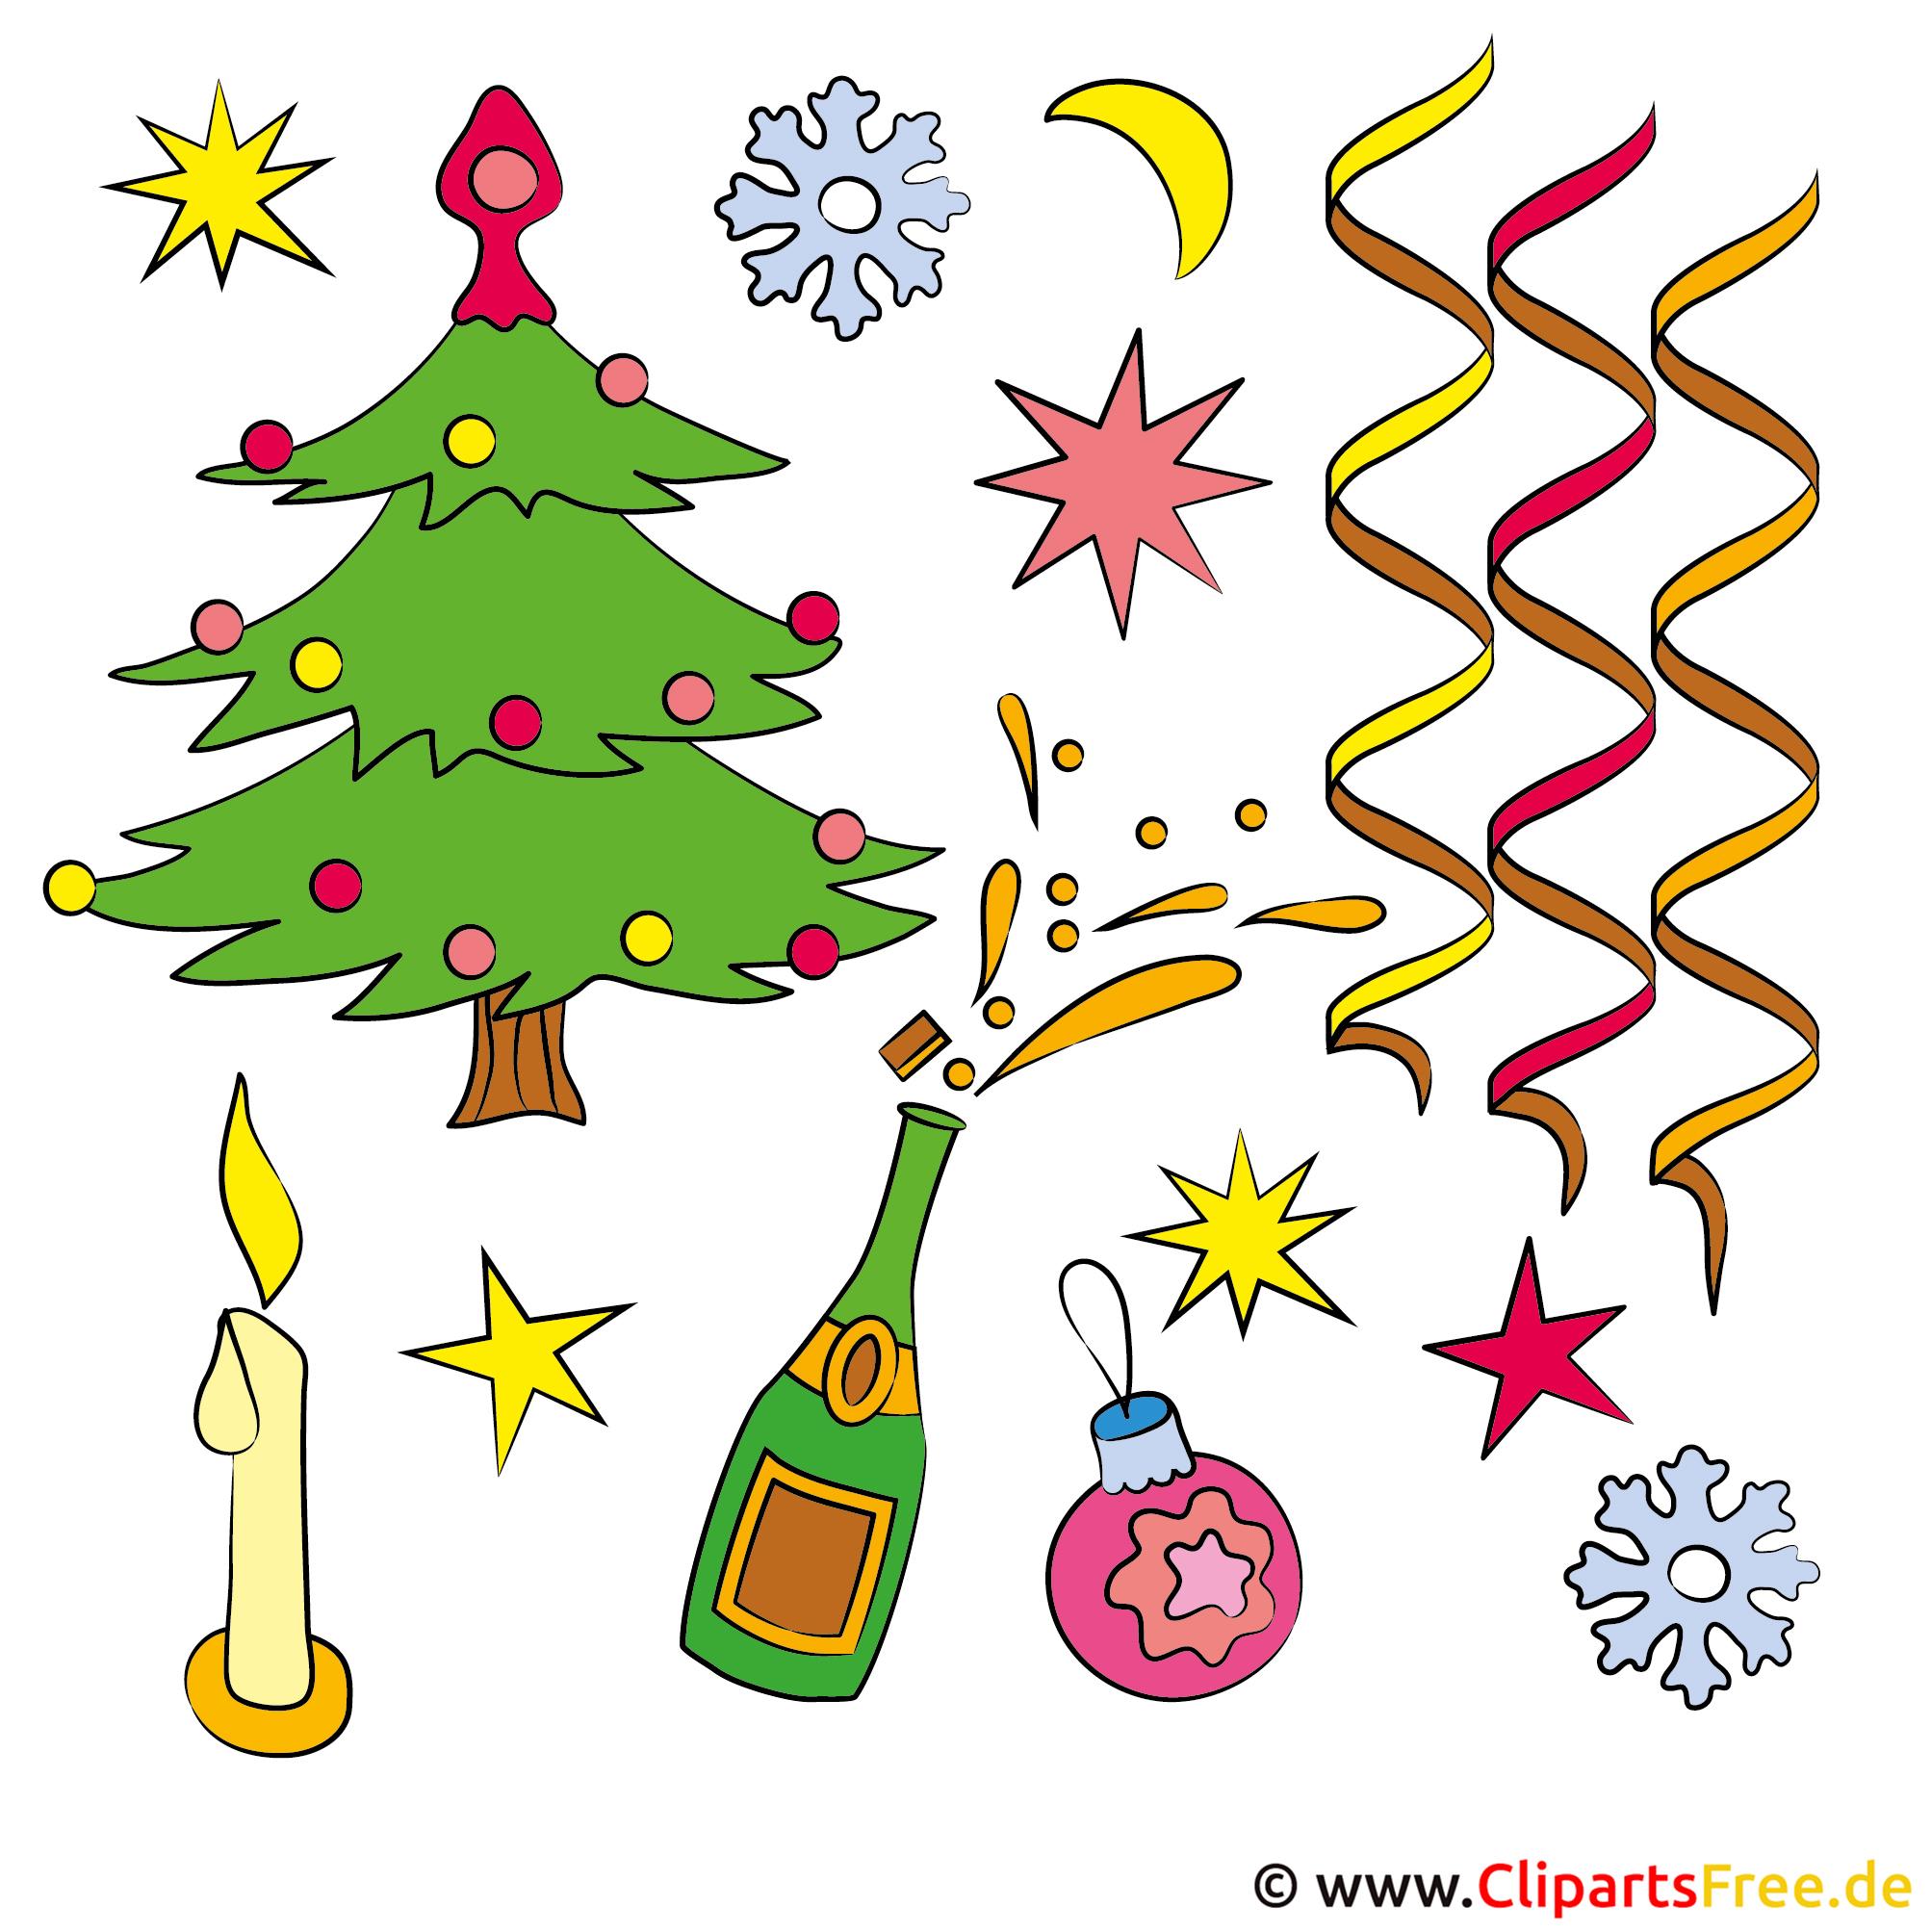 Free bitmaps zum neujahr - Cliparts weihnachten und neujahr kostenlos ...